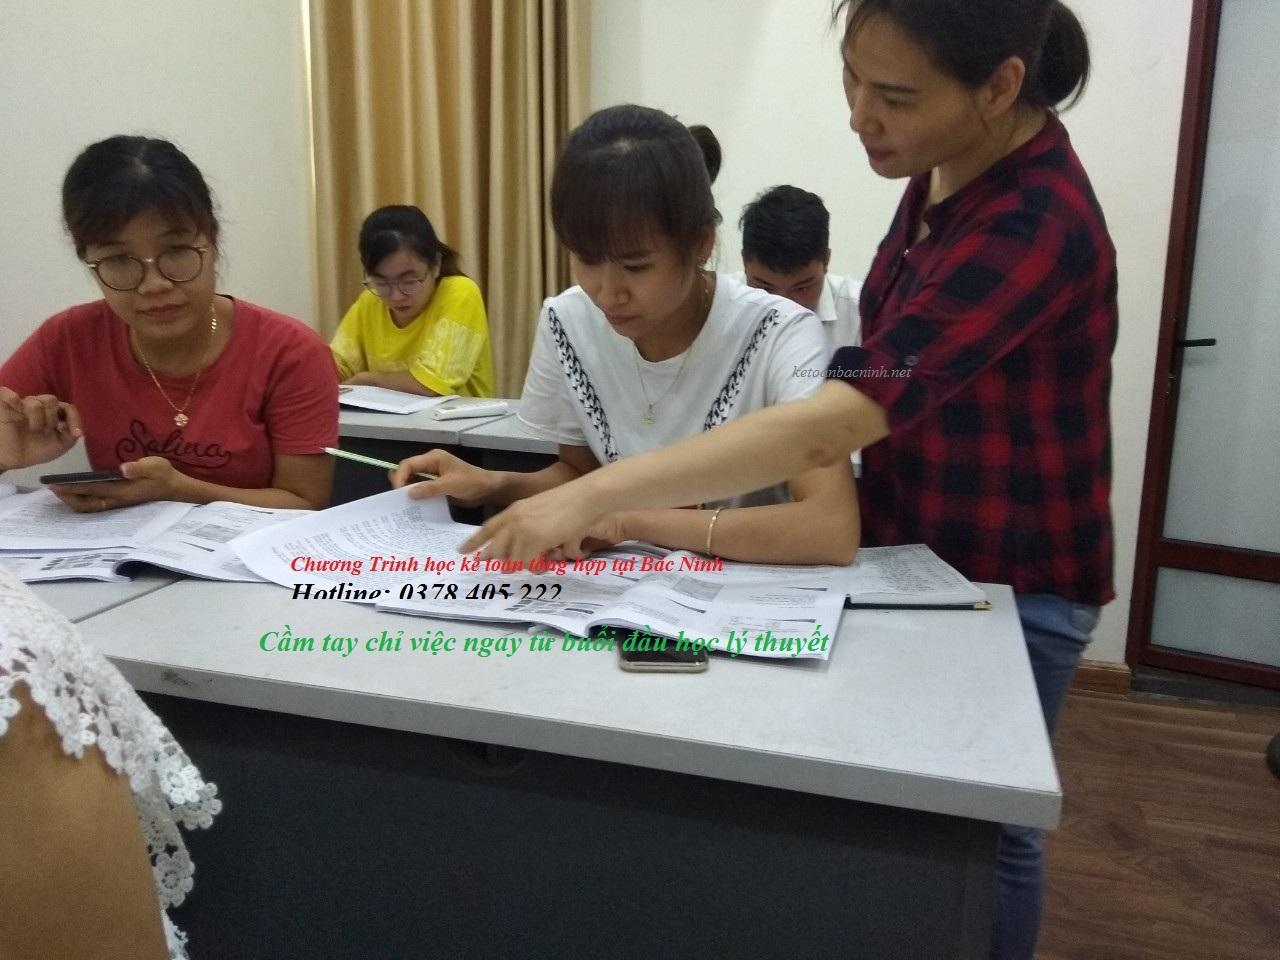 Ảnh lớp học kế toán tổng hợp ở Bắc Ninh